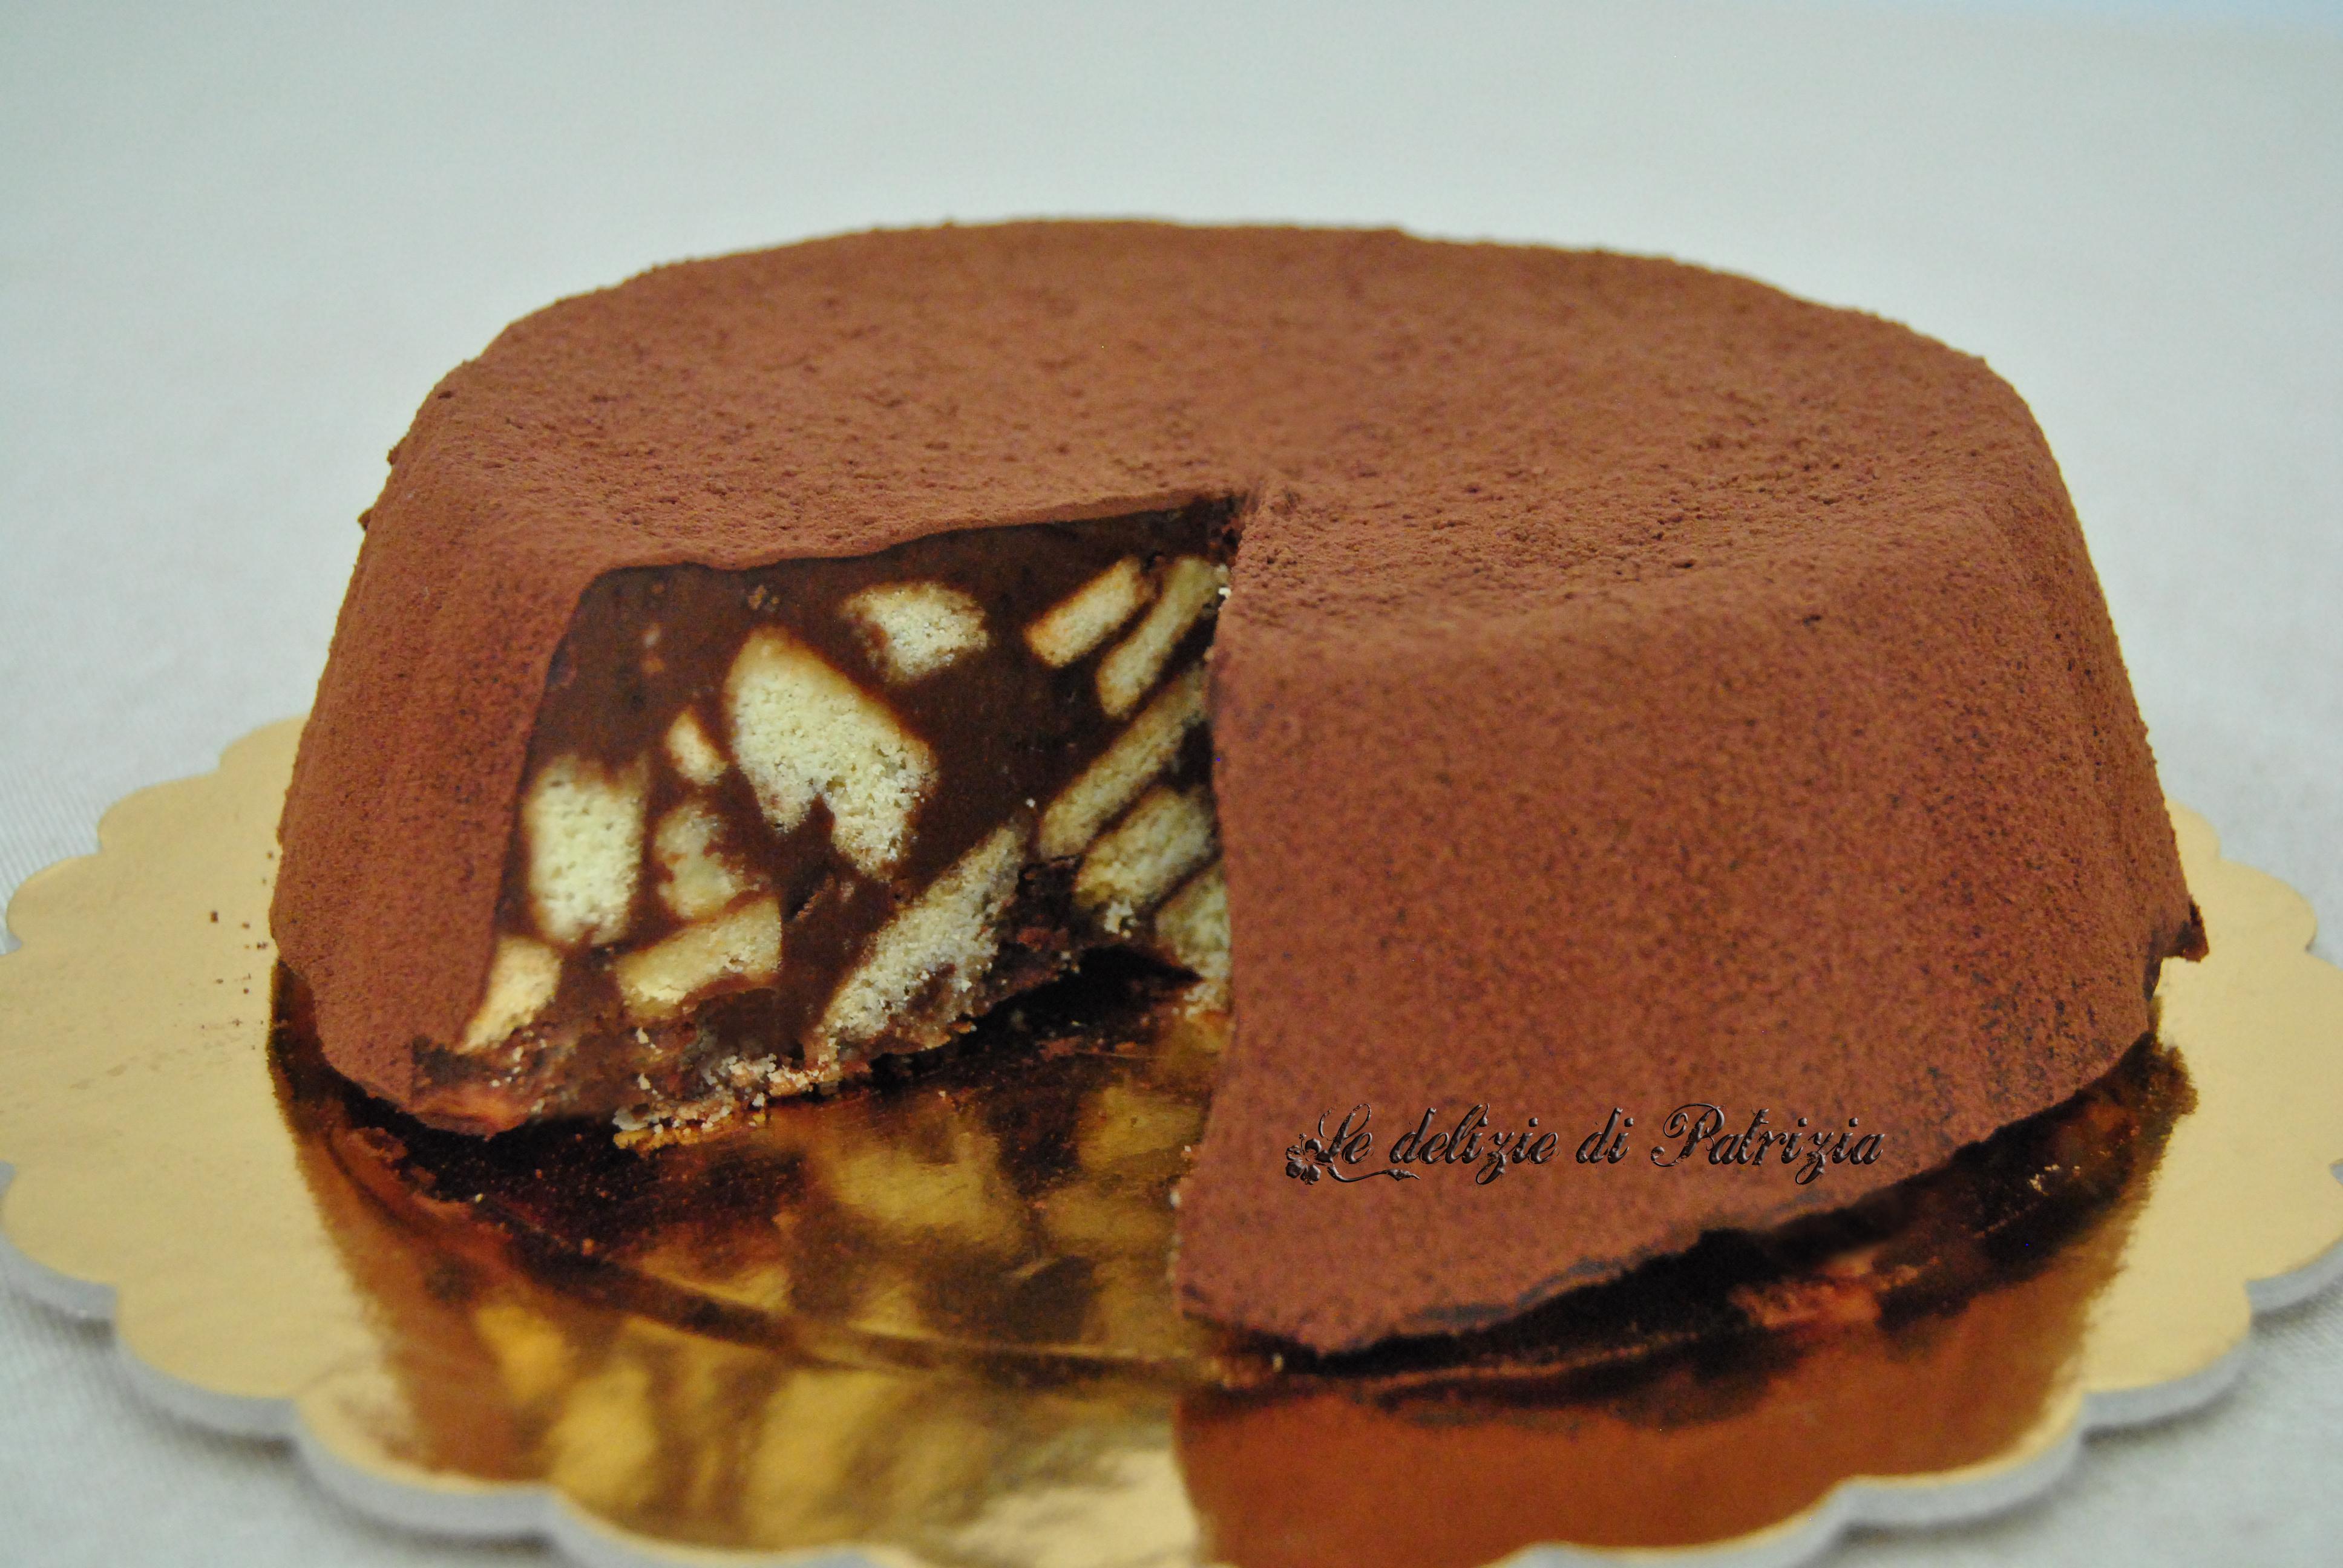 Ricetta Torta Salame Al Cioccolato.Torta Cioccobiscotto Salame Al Cioccolato Formato Torta Le Delizie Di Patrizia